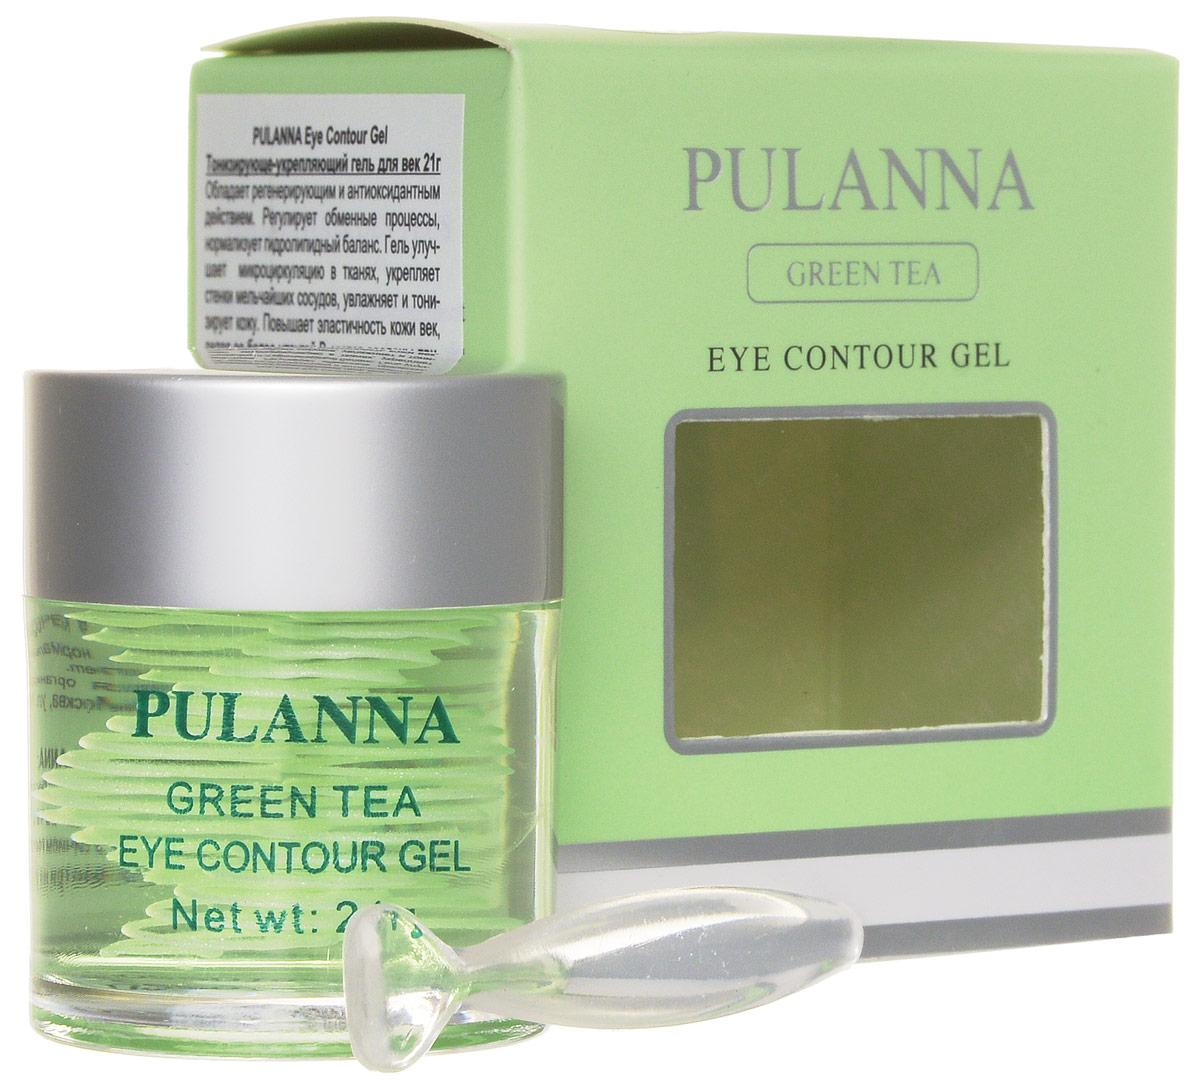 Pulanna Тонизирующе-укрепляющий гель для век на основе зеленого чая - Eye Contour Gel 21 г5902596005863Гель обладает регенерирующим и антиоксидантным действием. Регулирует обменные процессы, нормализует гидро-липидный баланс кожи. Улучшает микроциркуляцию в тканях, укрепляет стенки мельчайших сосудов, увлажняет и тонизирует кожу. Экстракт хвоща и зеленого чая нормализуют водно-жировой и кислородный обмен. Гель повышает эластичность кожи век, делая ее более упругой. В состав введены природные фотофильтры. Является прекрасной базой под макияж. Рекомендован с 20 лет.